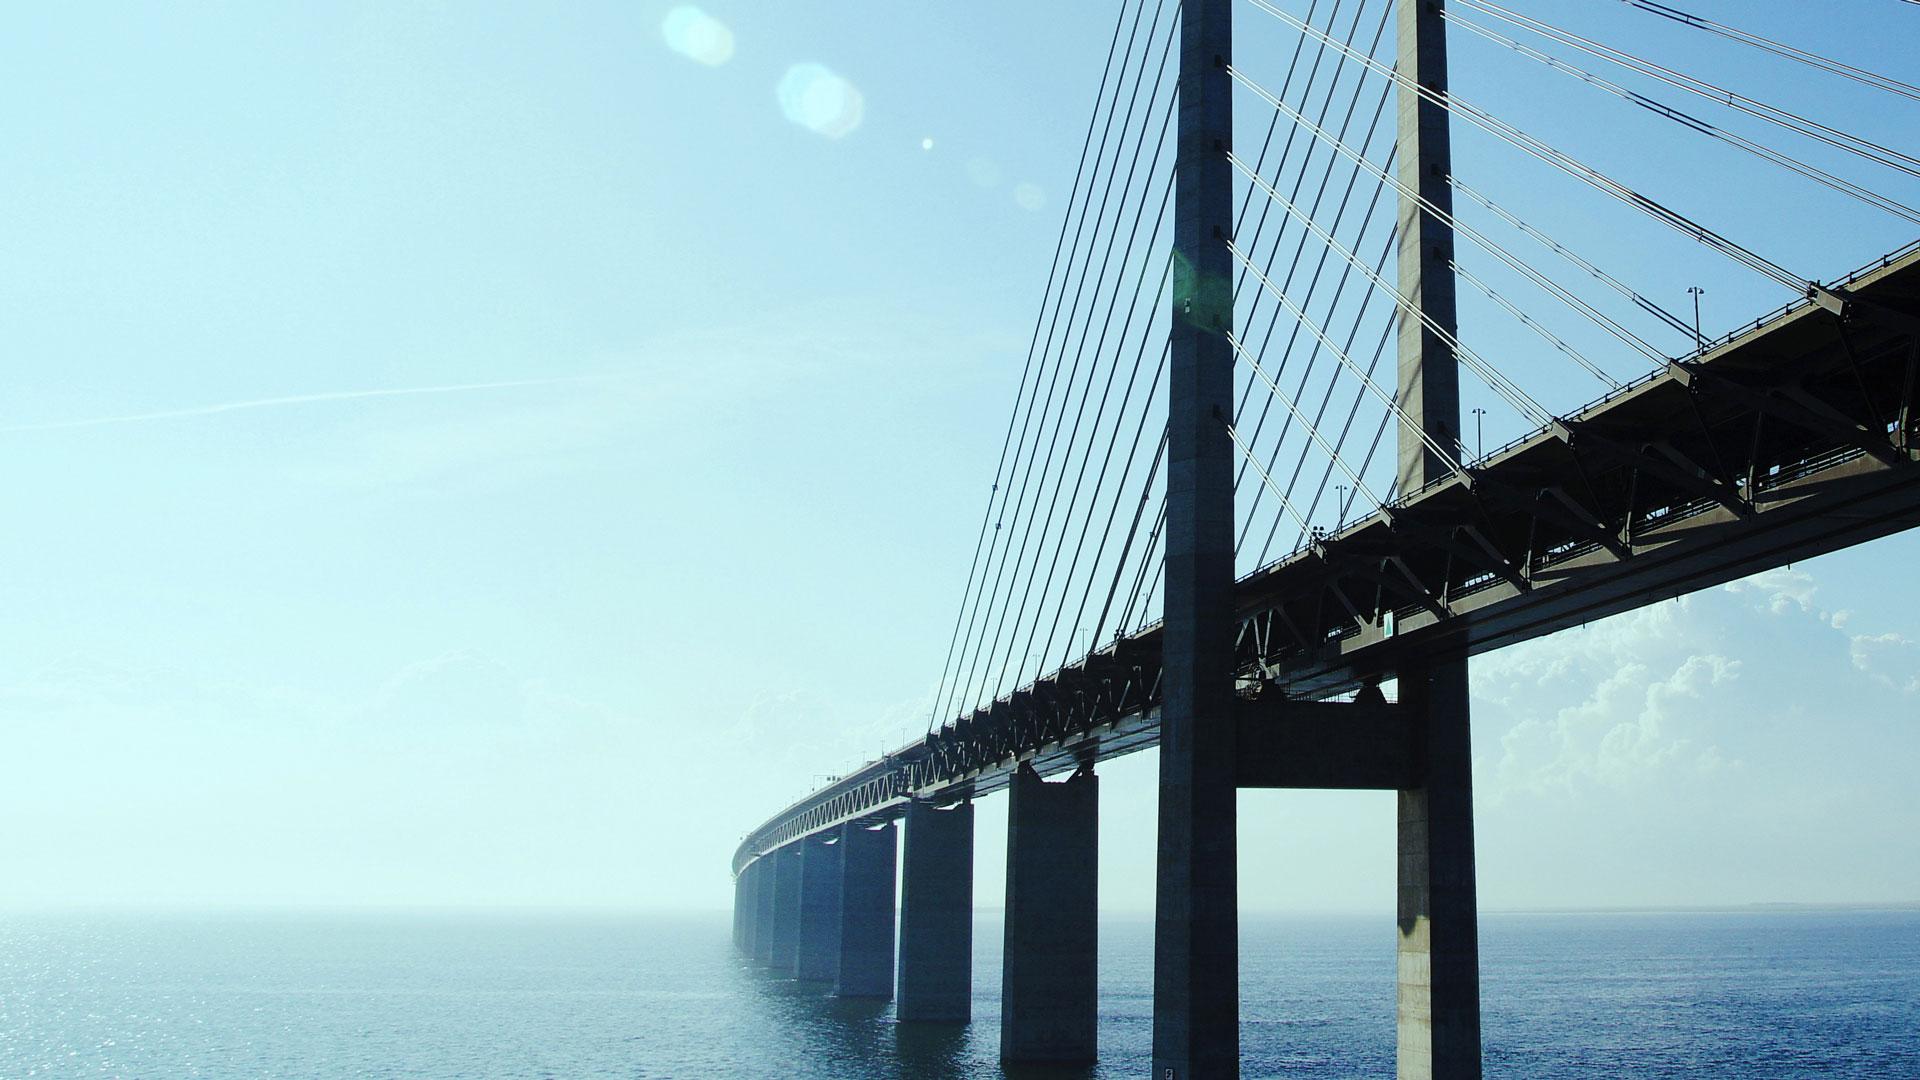 SSAB Weathering dla konstrukcji i mostów